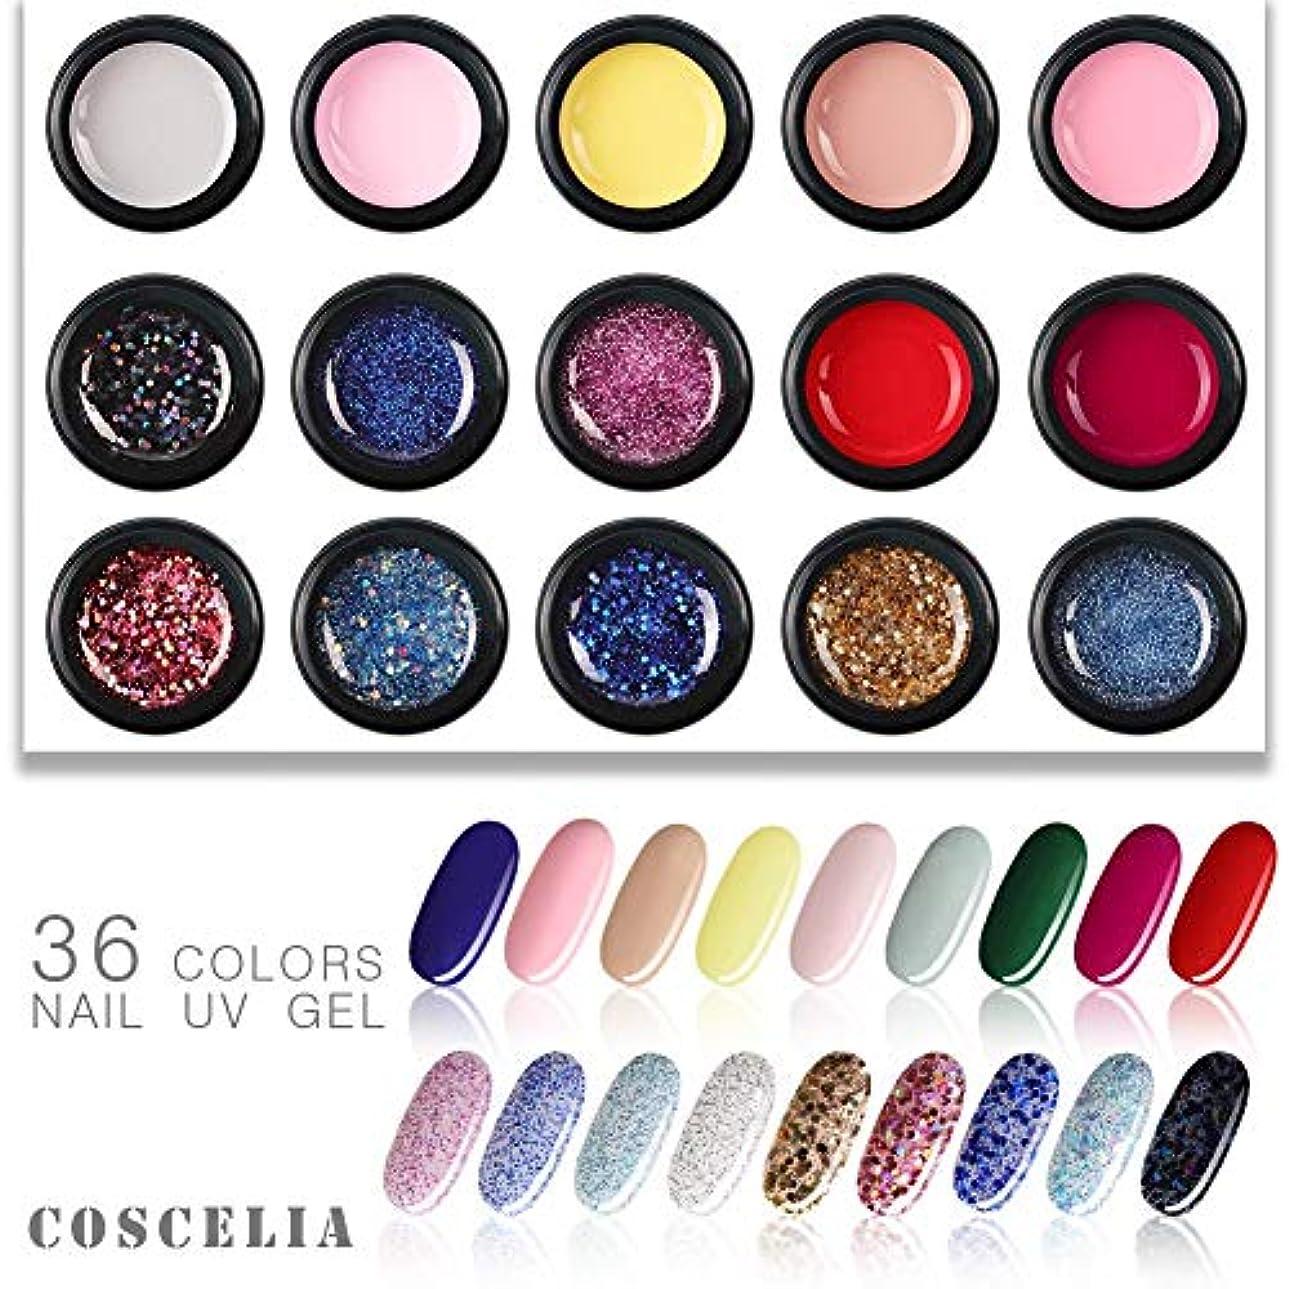 Twinkle Store ジェルネイルセット 36色ネイルカラー UVジェルレジン ネイルアートセット ネイルサロン 人気セット